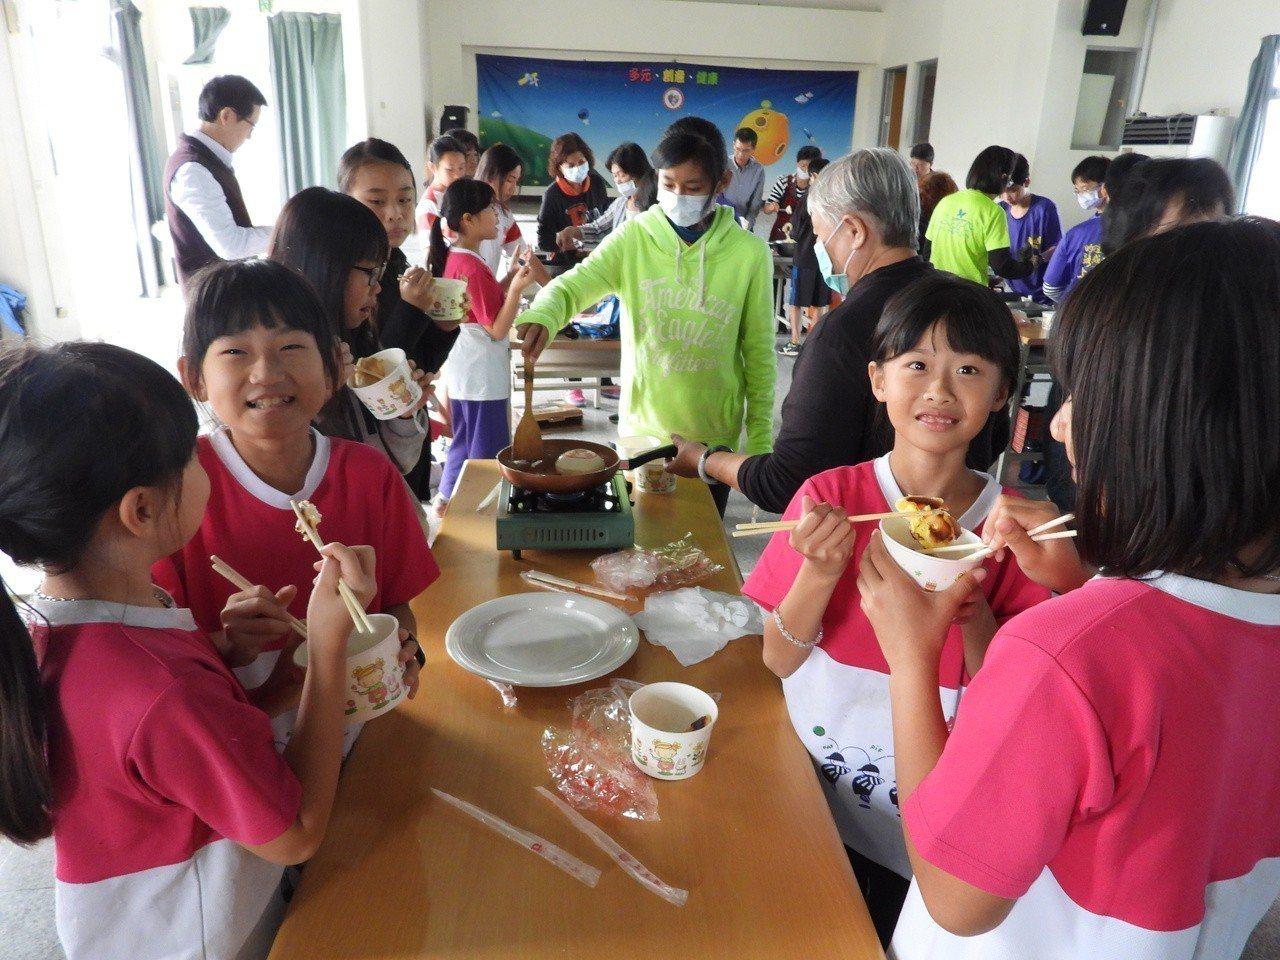 五婆示範教作麻油椪餅,小朋友專心學作,作好品嘗直呼好吃。記者周宗禎/攝影